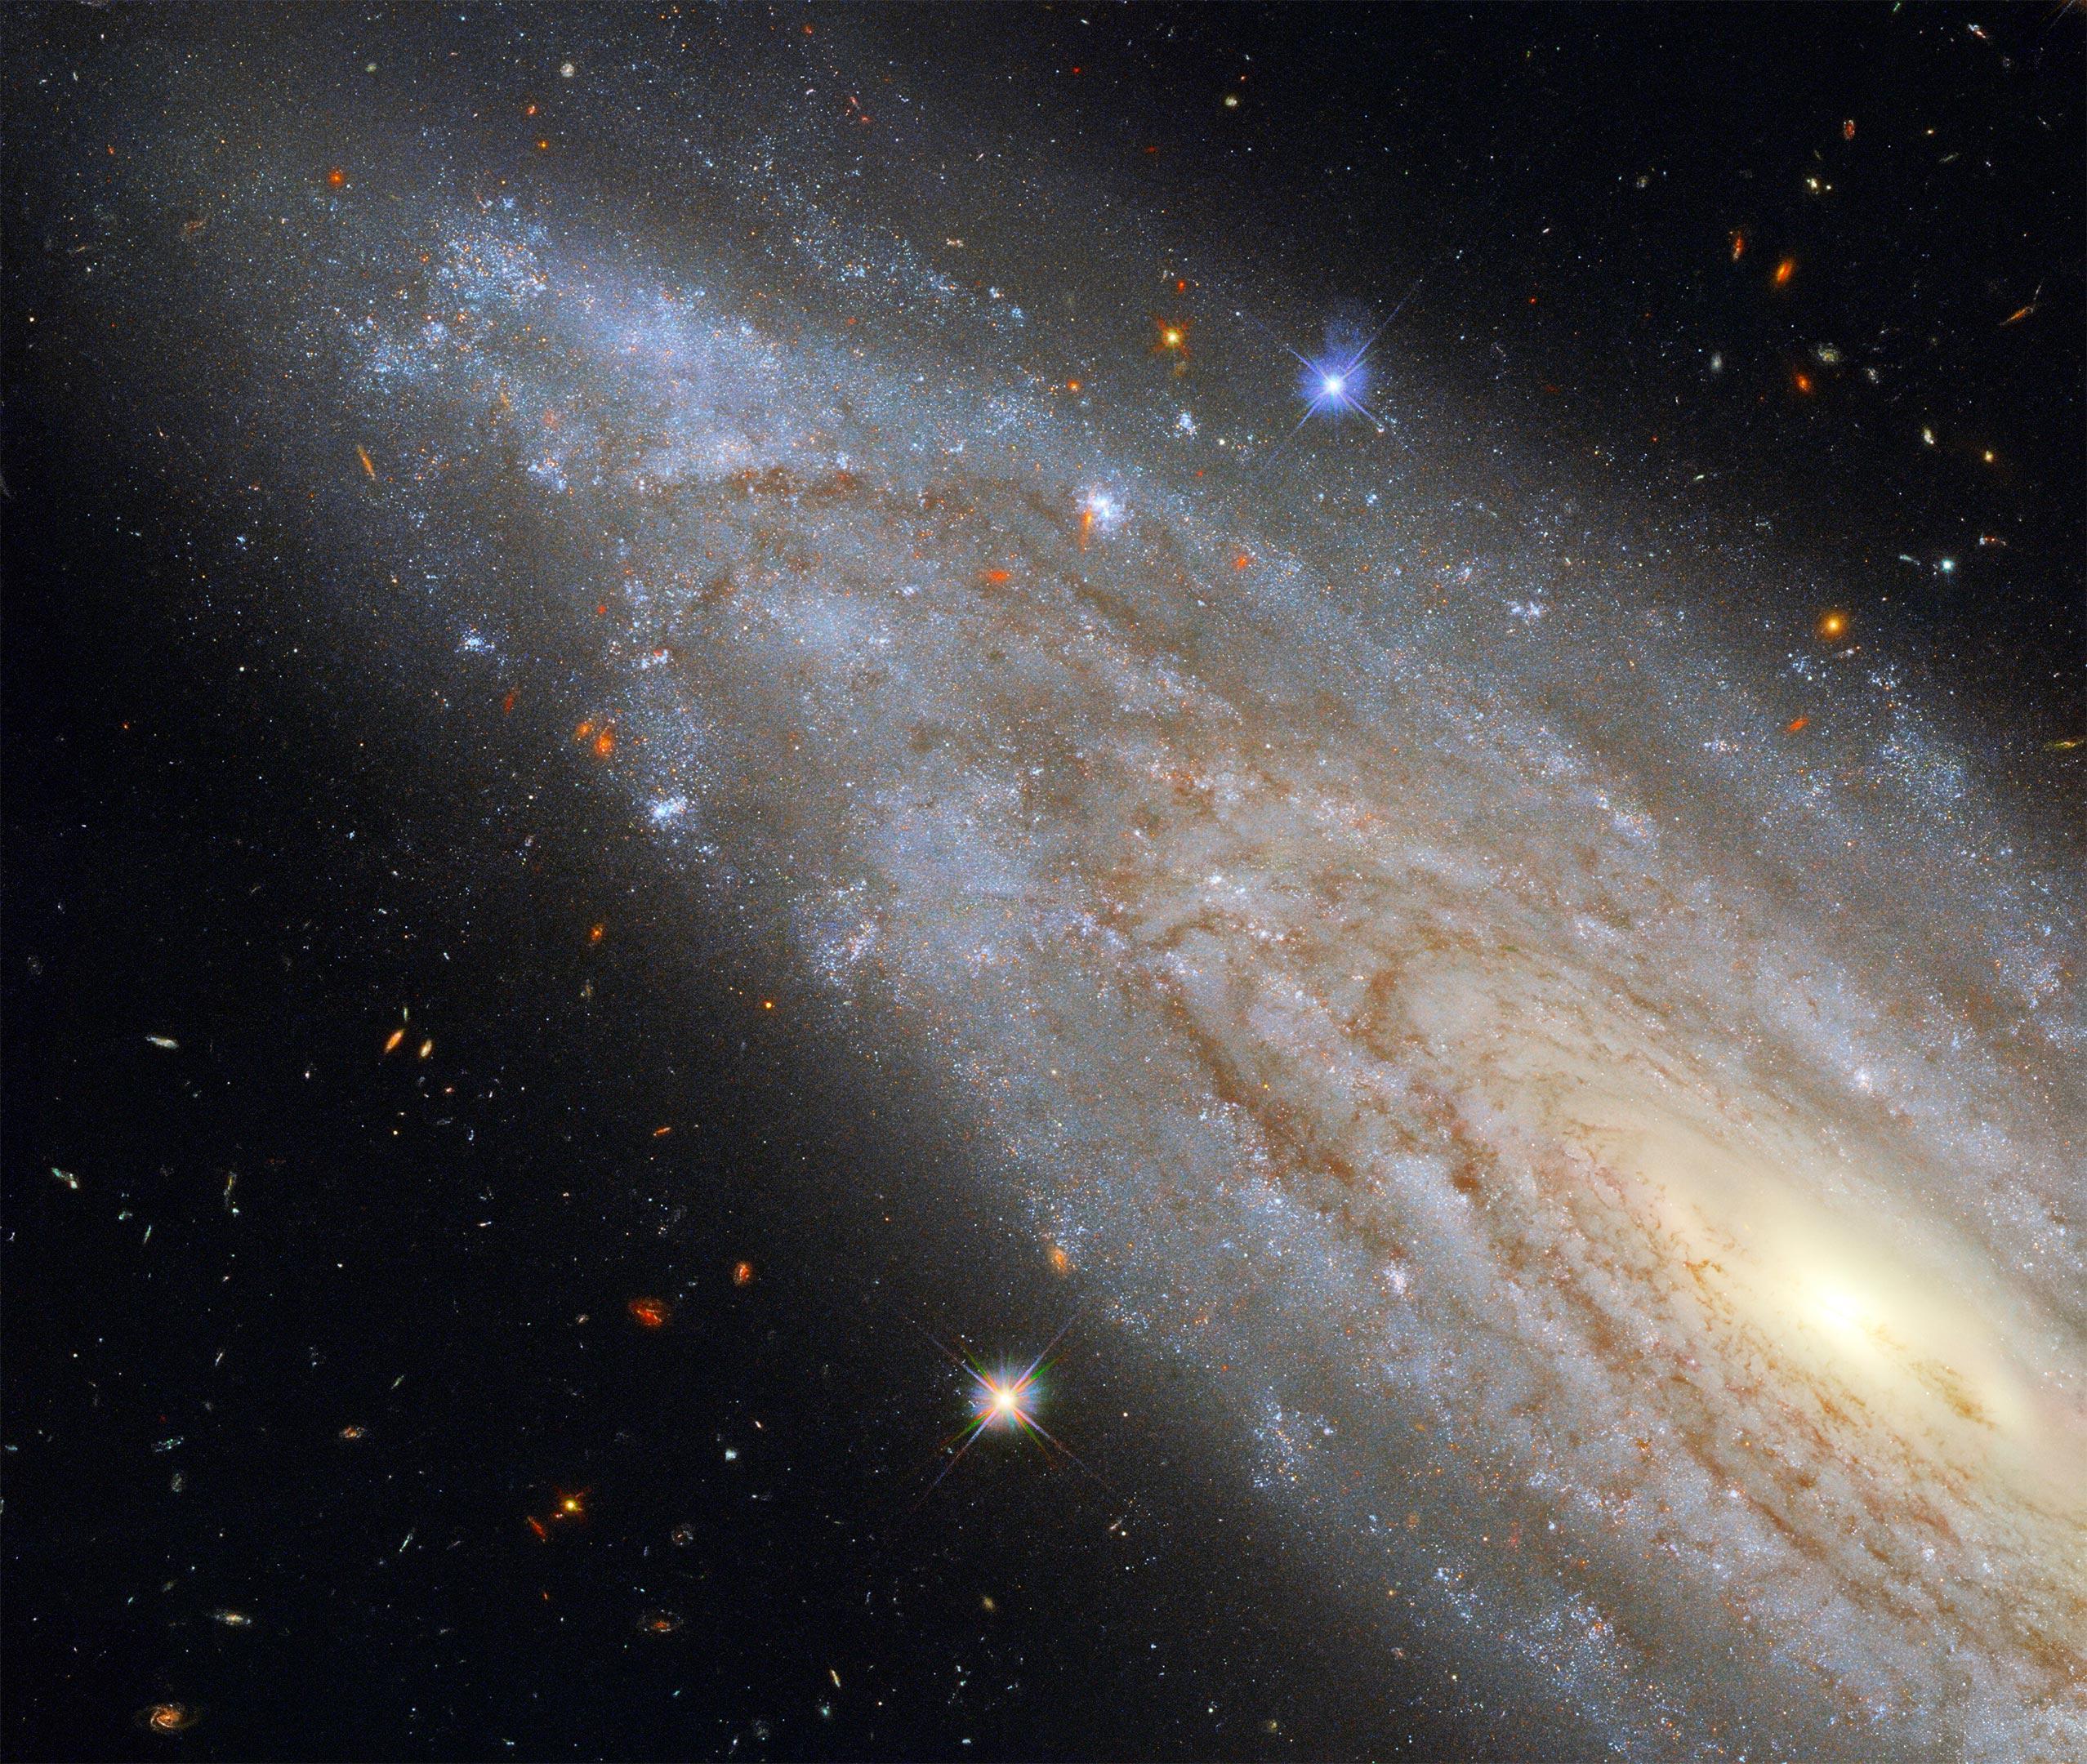 """Як виглядає """"галактика-електростанція"""": телескоп """"Хаббл"""" зробив нове фото - фото 2"""